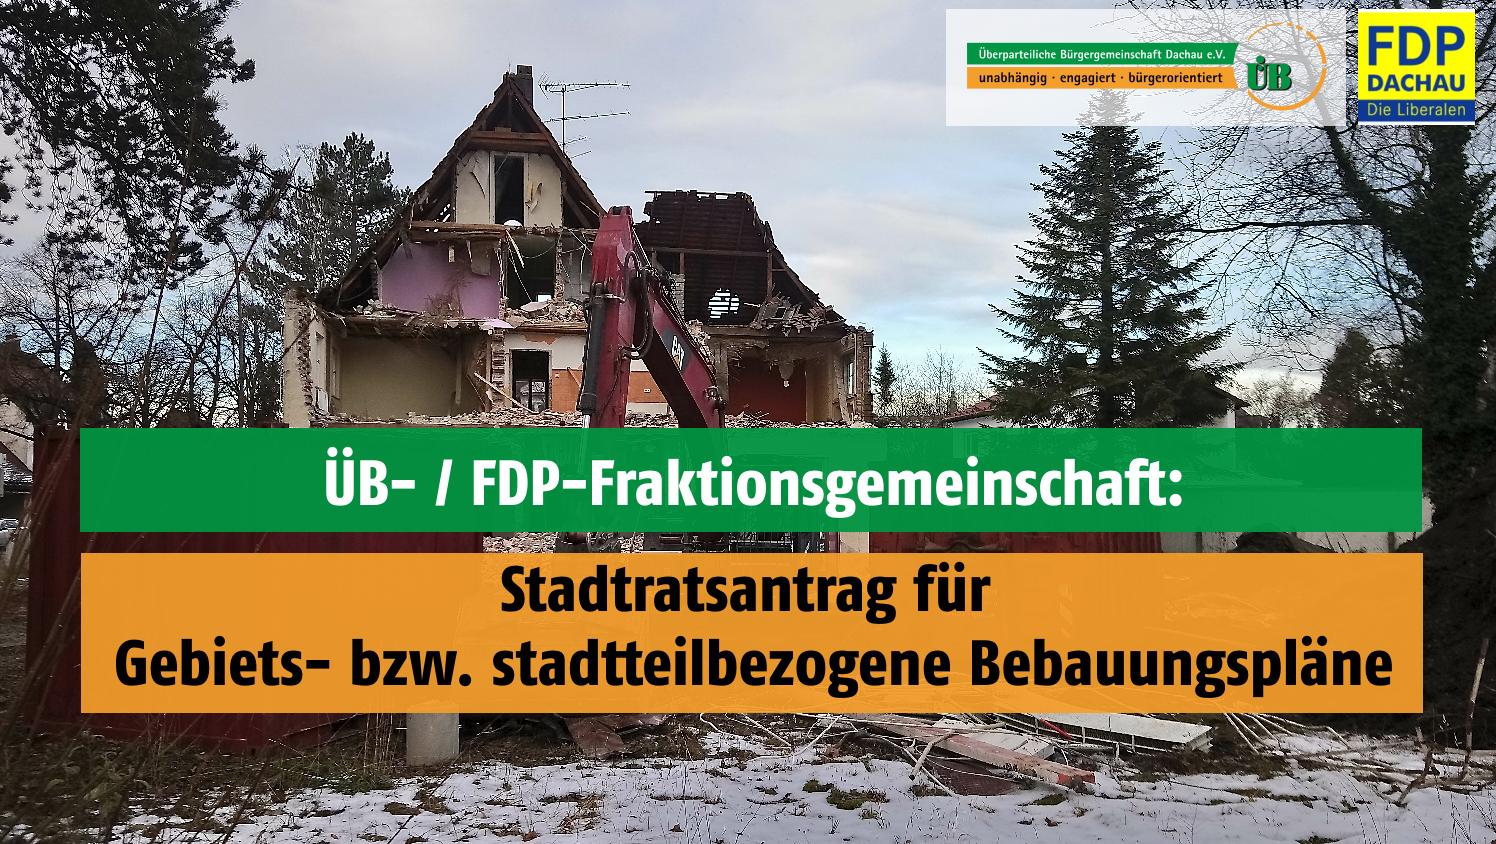 FDP und ÜB Dachau zu Abstandsflächen in einem stadtteilbezogenen Bebauungsplan.